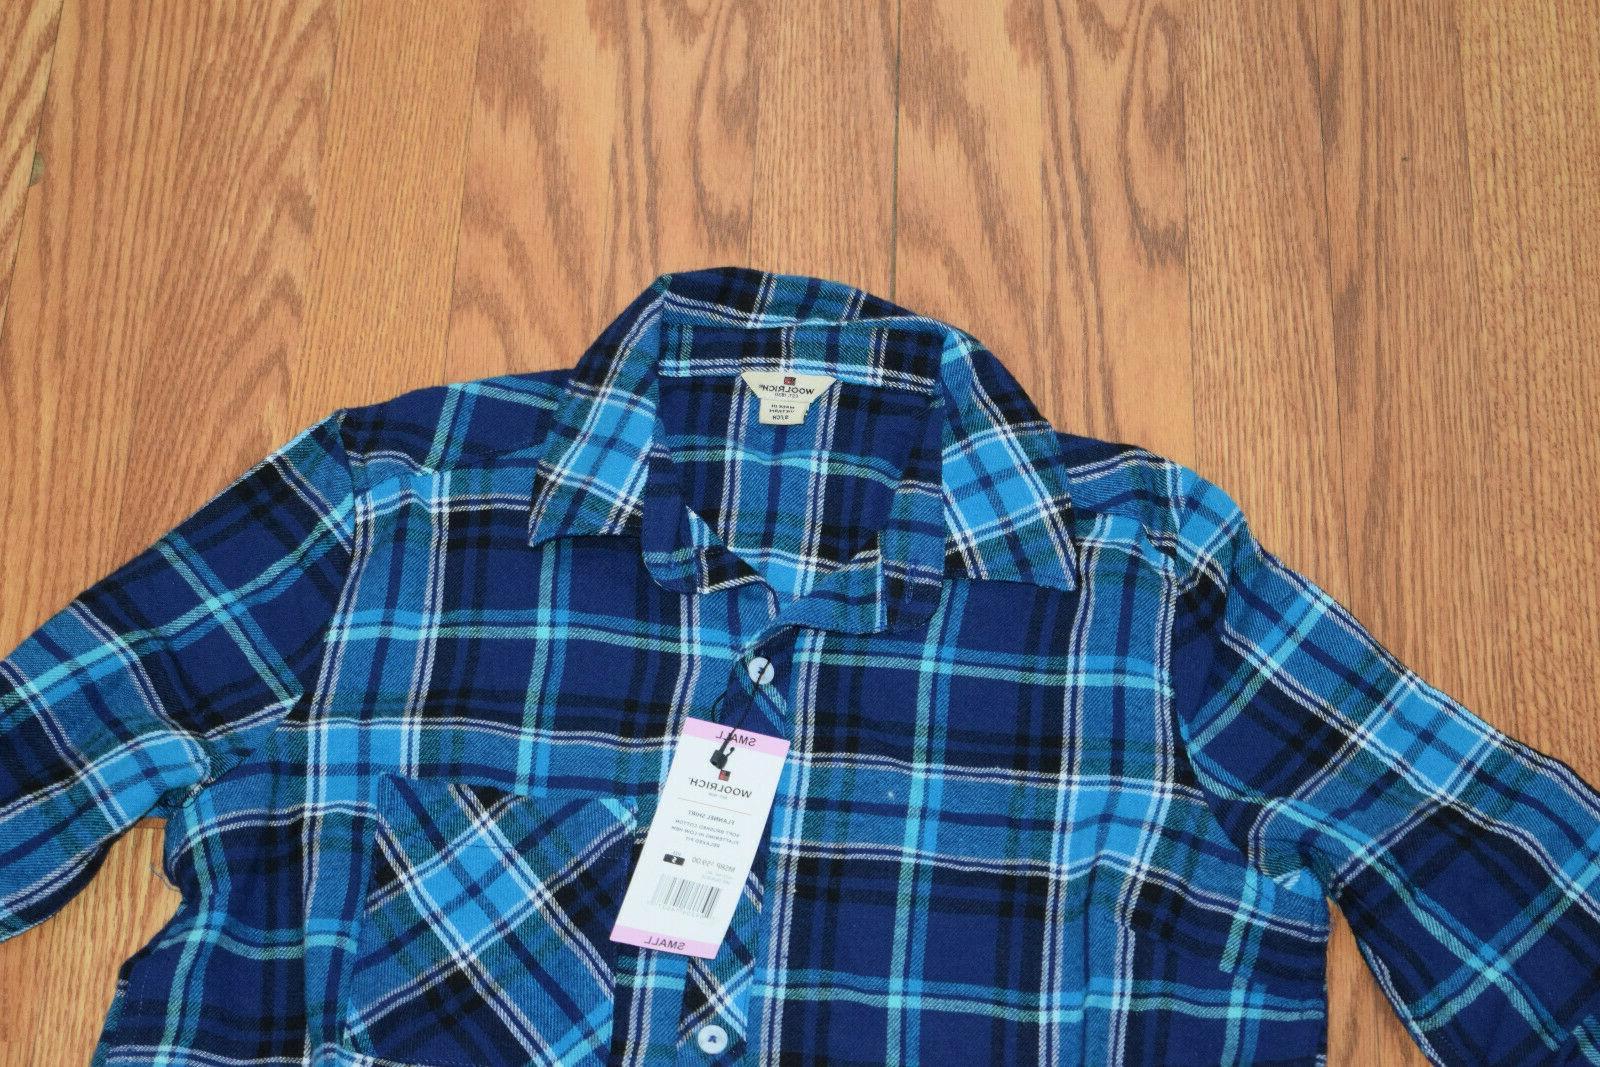 NWT Womens Blue Plaid Shirt